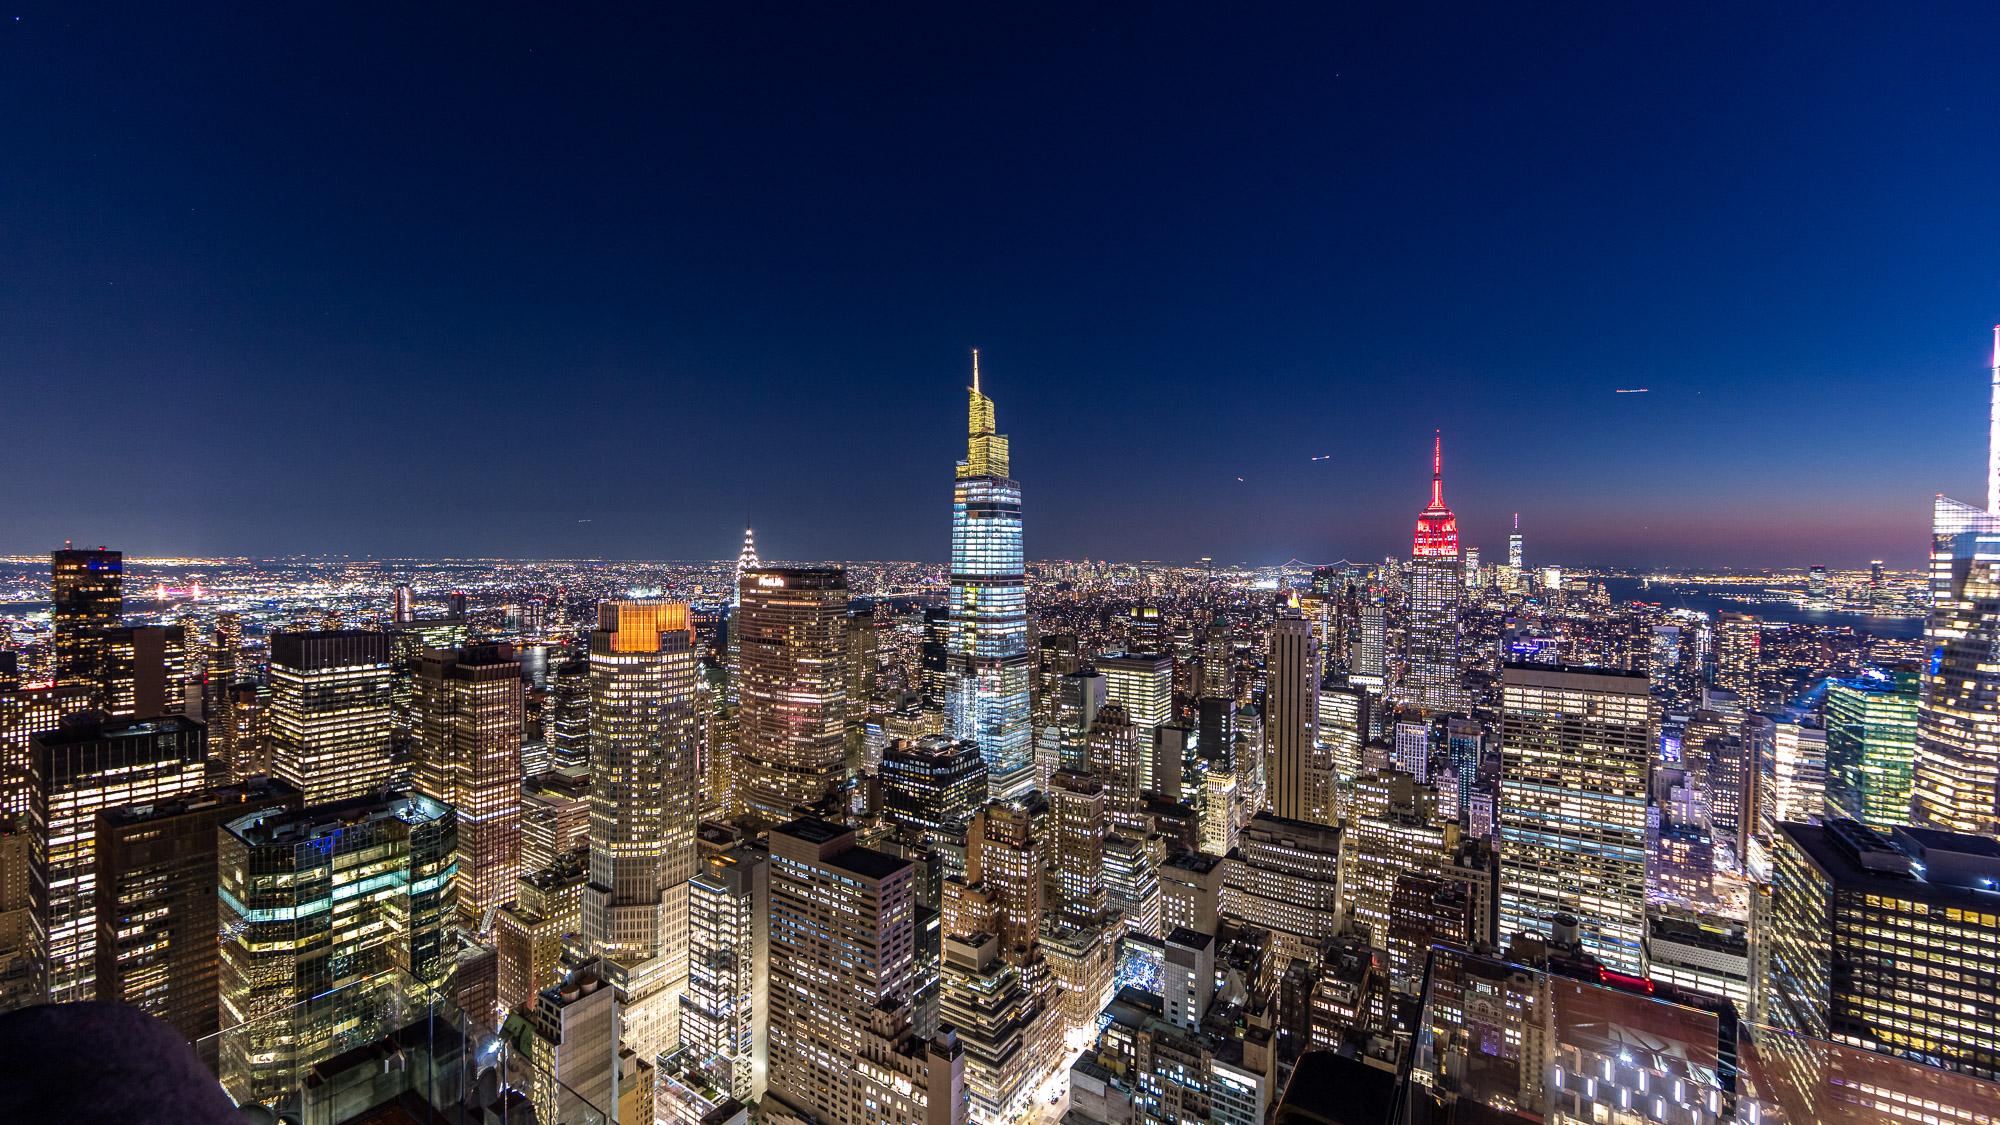 ناطحات السحاب فى مدينة نيويورك